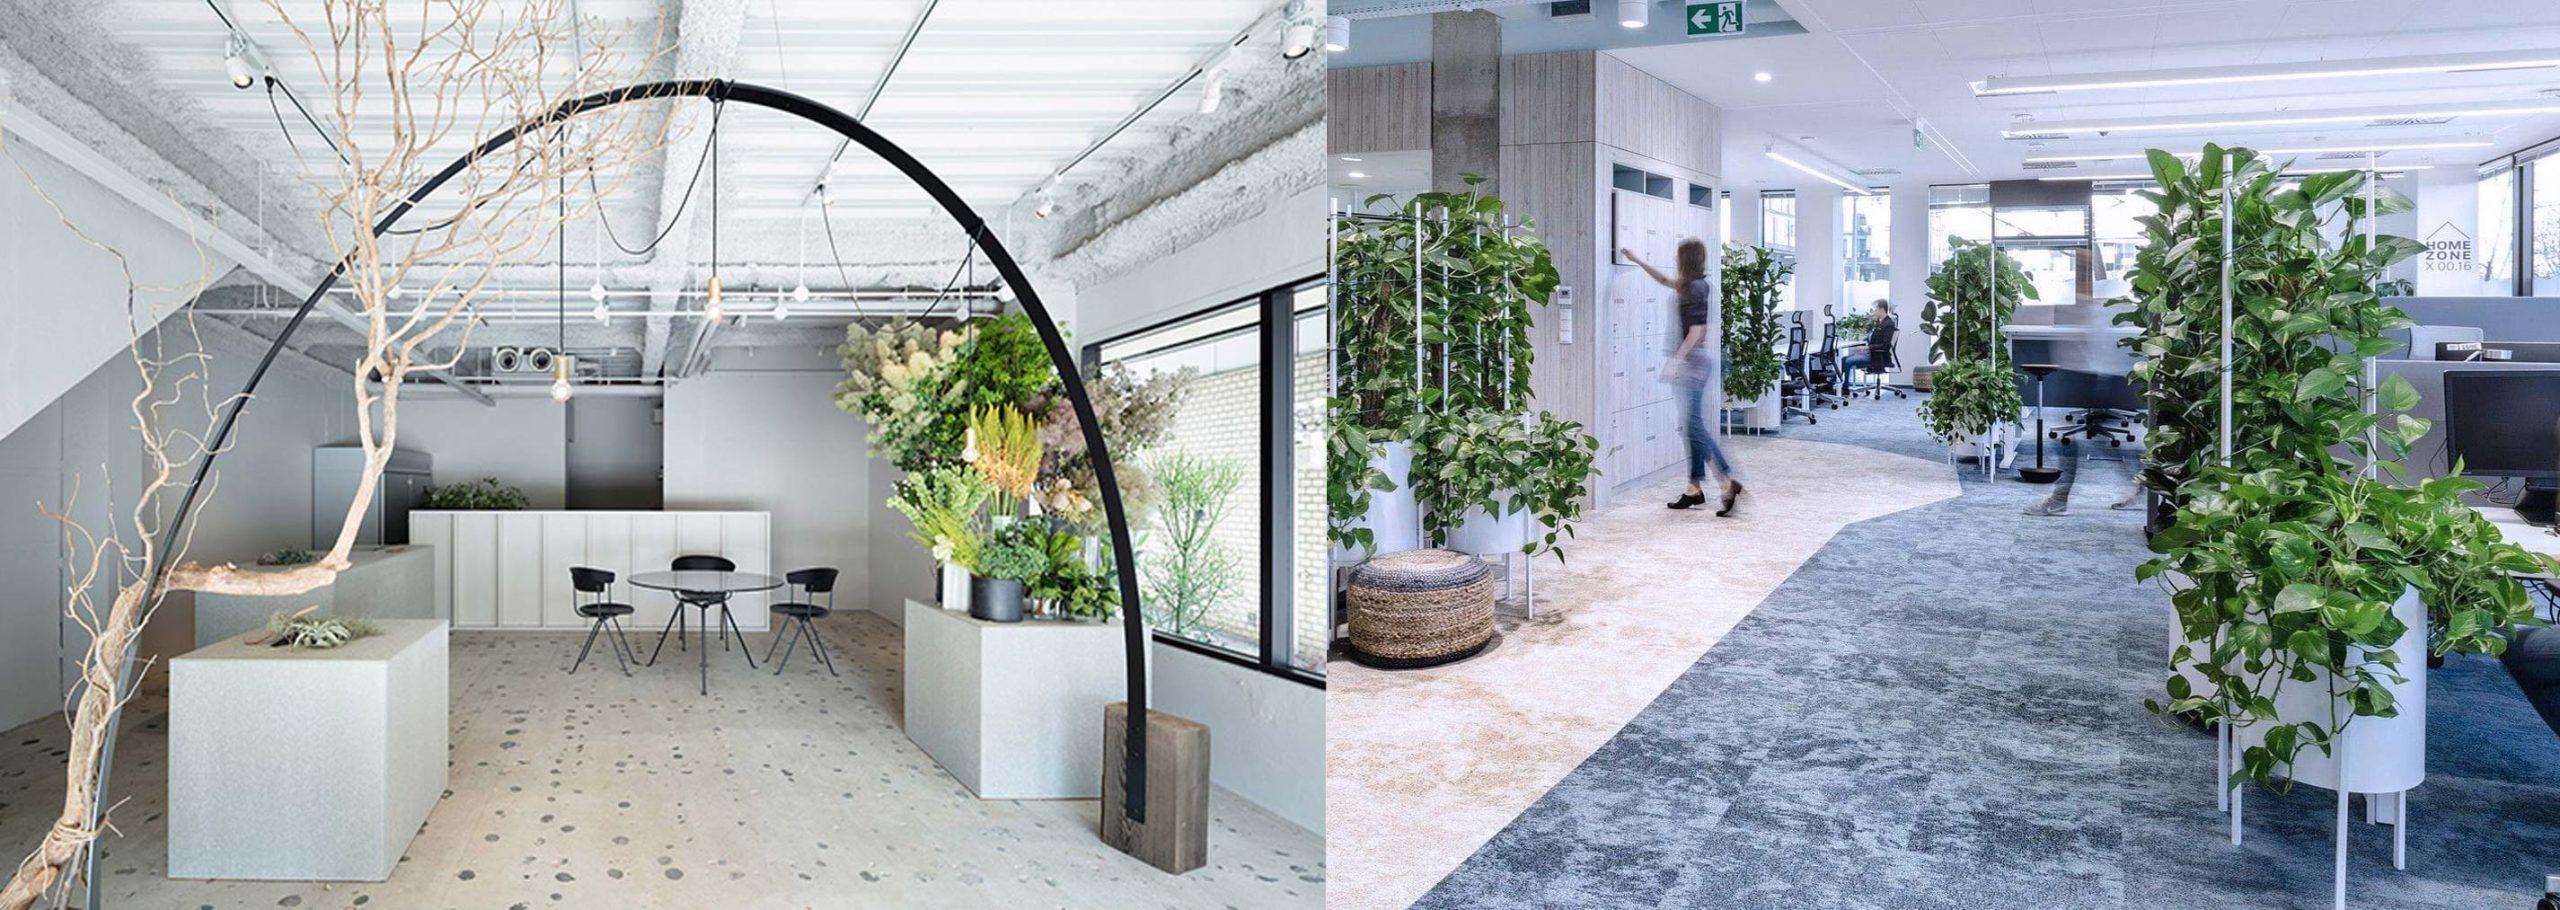 4- کاربرد و استفاده - گیاهان آپارتمانی - تجهیزات دکوراسیون - indoor plants - office plants - استفاده از گیاهان آپارتمانی - آبیاری گیاهان آپارتمانی اداری